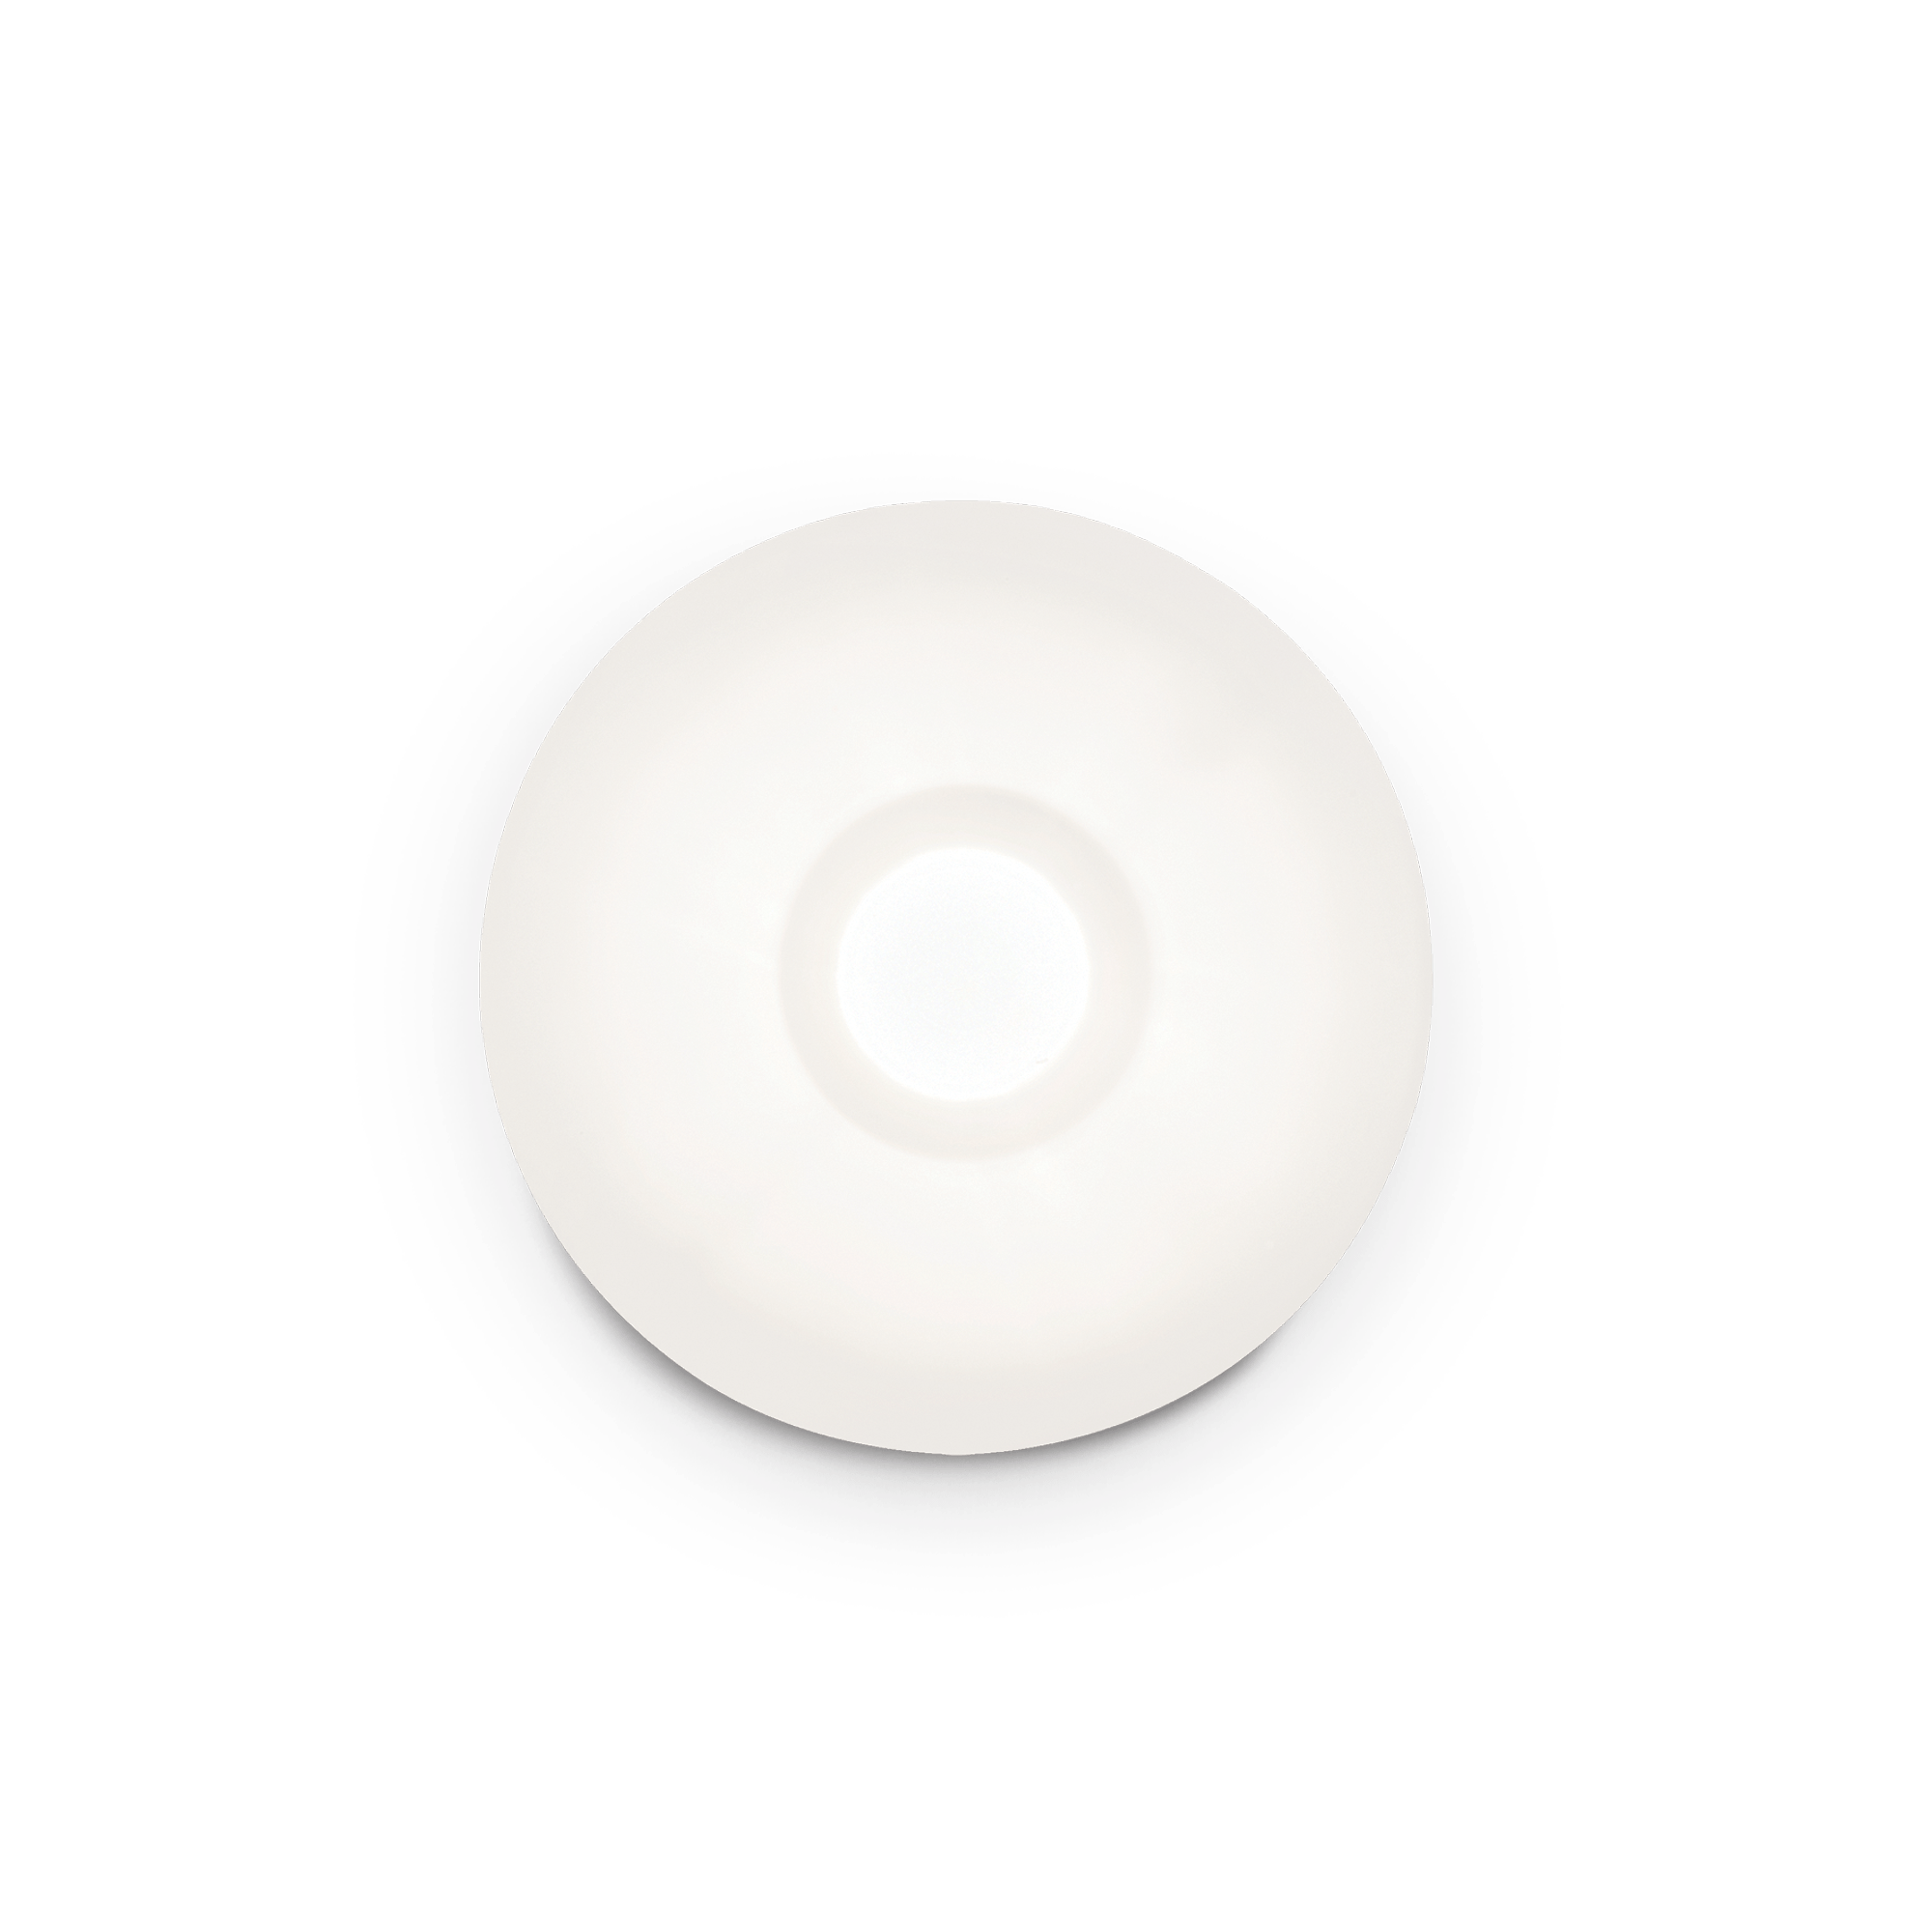 Ideal Lux 101149 Glory PL1 D30 mennyezeti lámpa